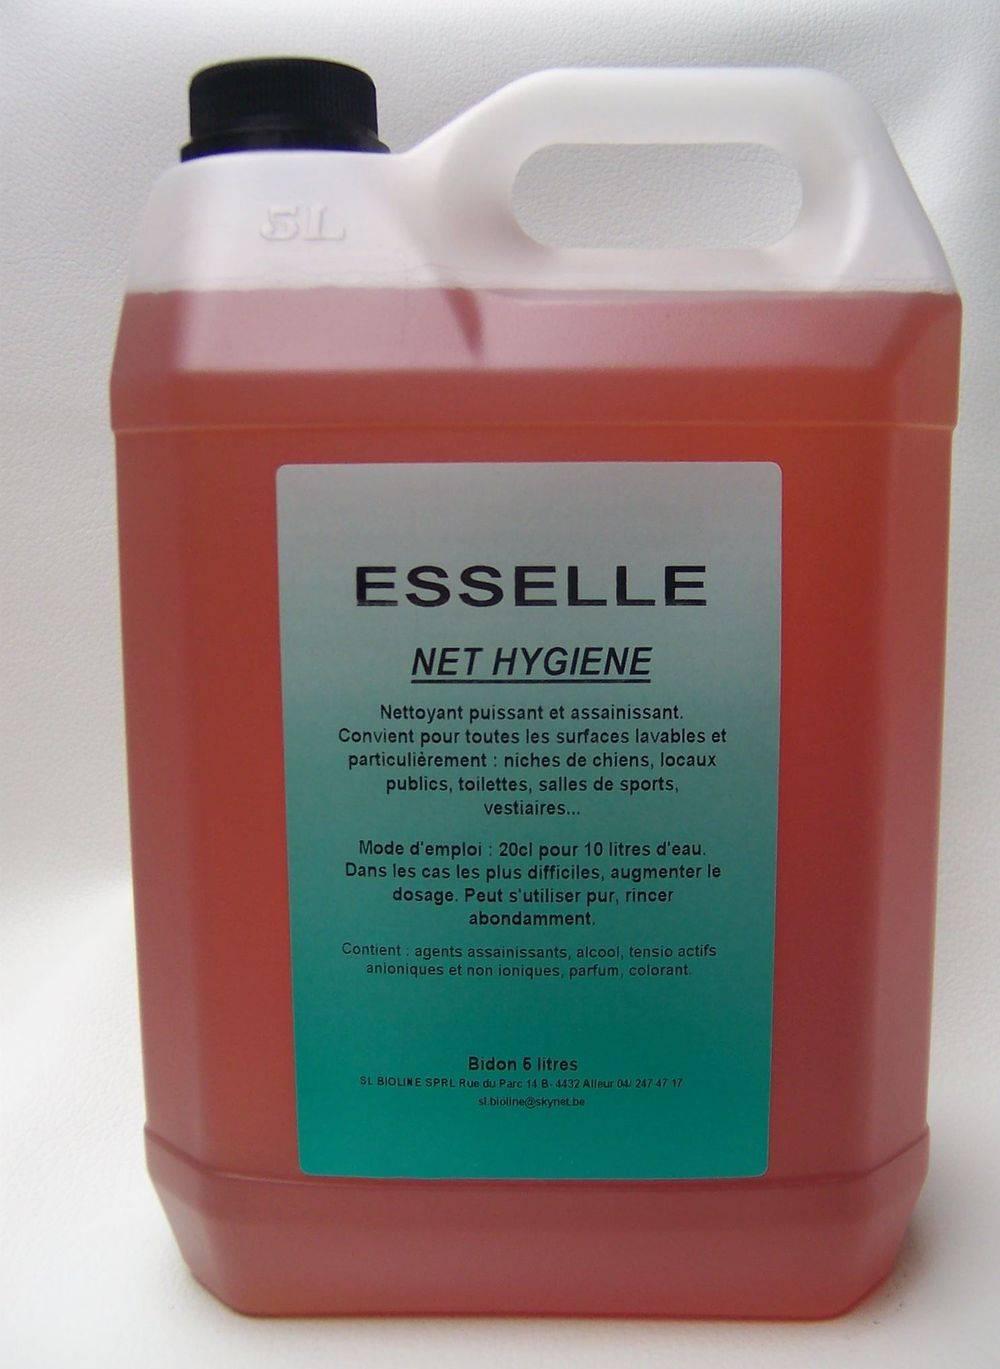 NET hygiène assainisol  (DETTOL) 5 Litres